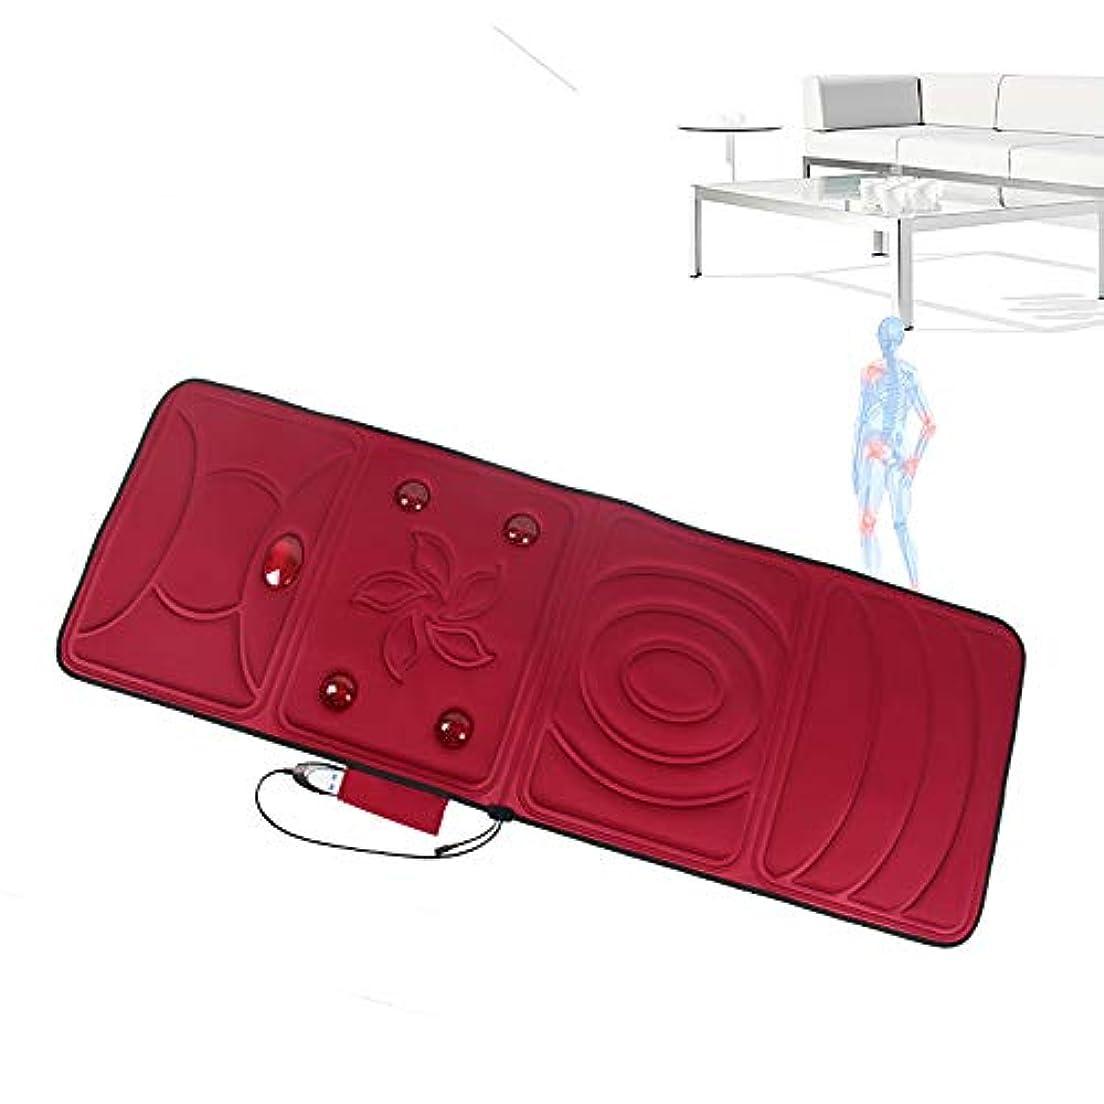 ブレス船上疲れた全身加熱マッサージマットレスマットレス暖房パッドフラットバック熱療法マッサージフロアチェアまたはベッドシンプルRemoteElectricマッサージマットレスホームシンプル折りたたみ式デザイン,赤